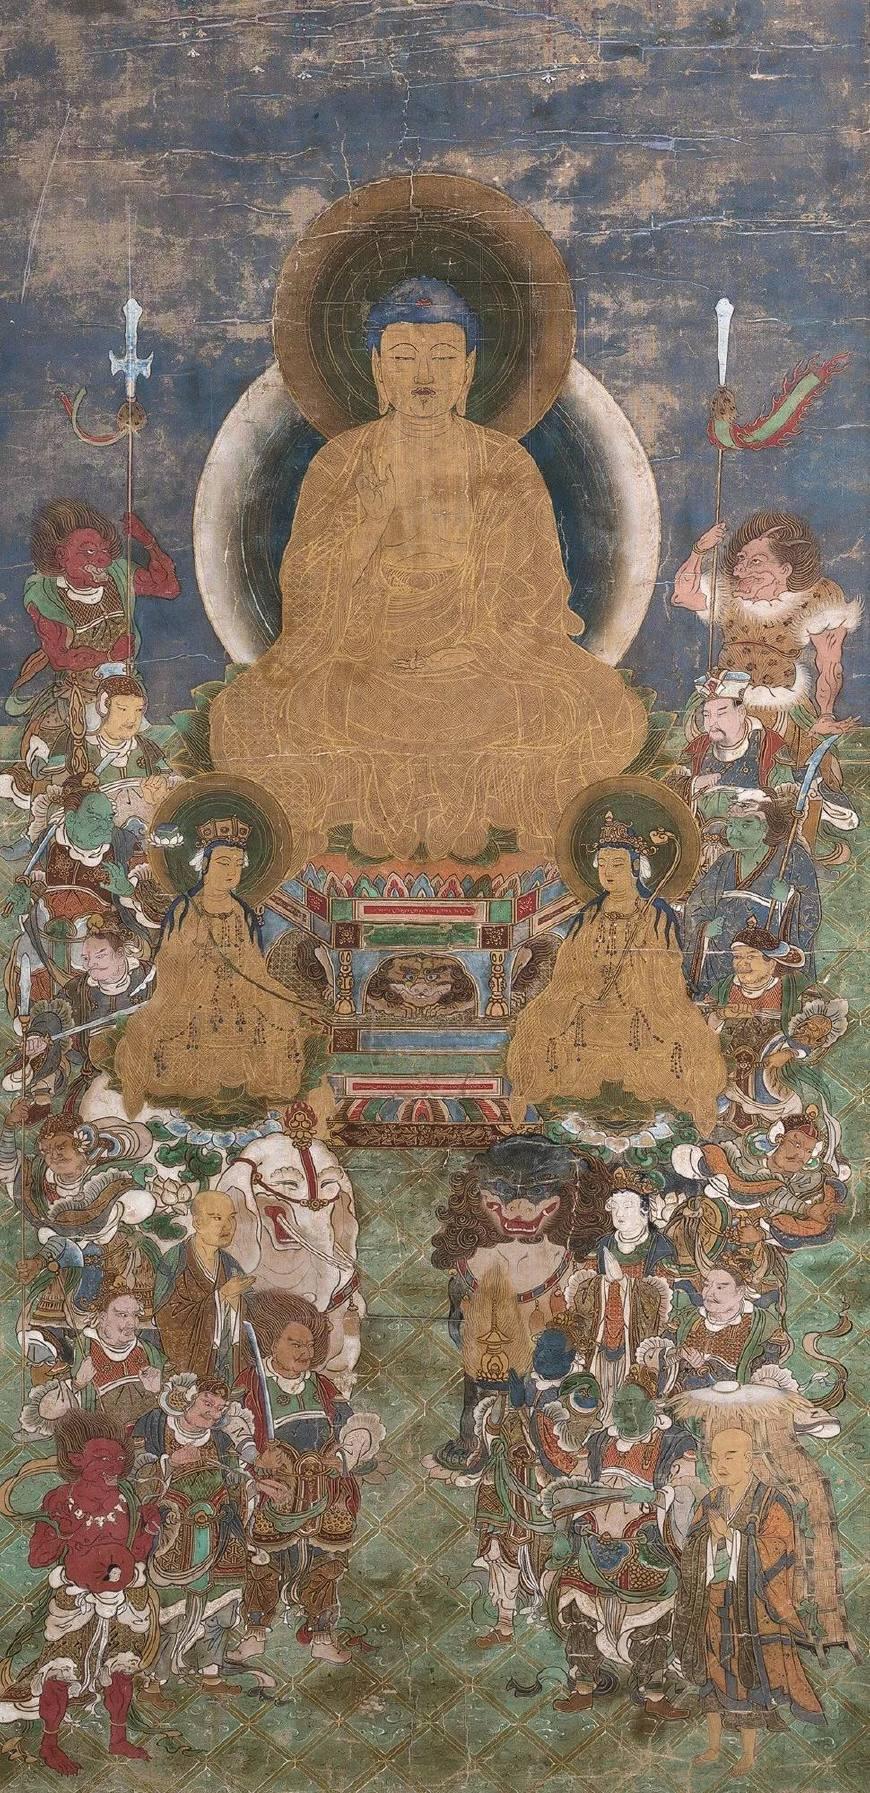 宗教题材是绘画艺术的一个永恒主题